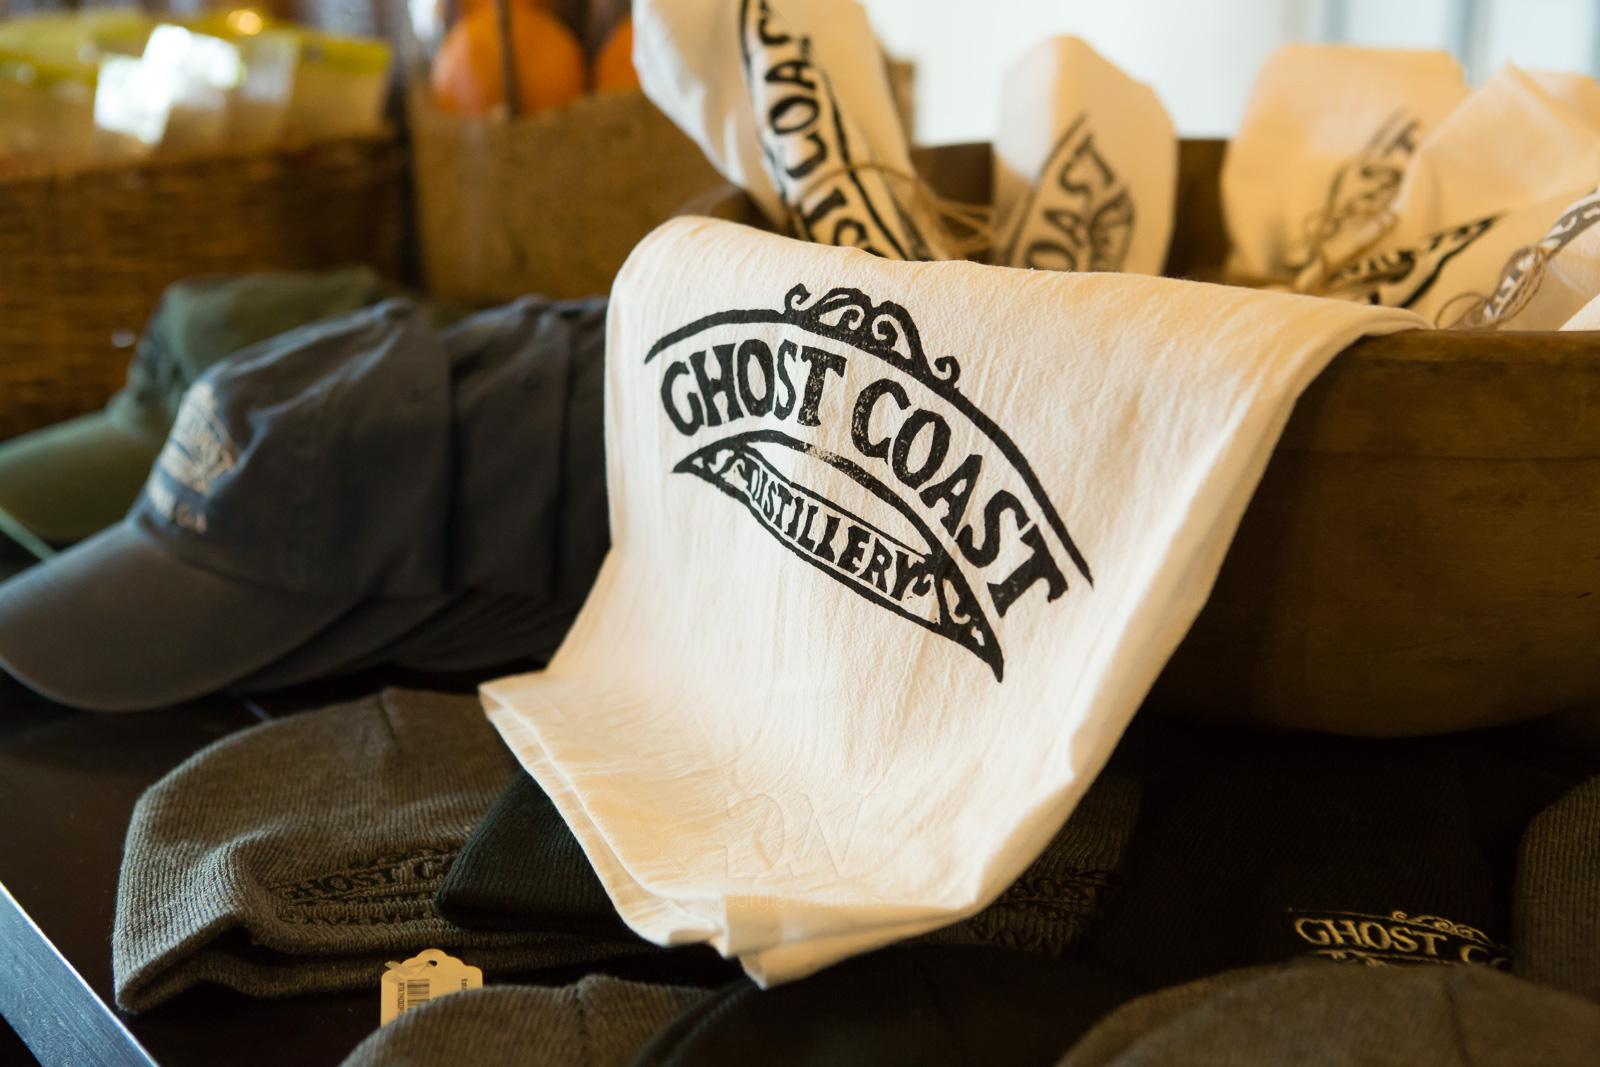 GhostCoast-3551.jpg